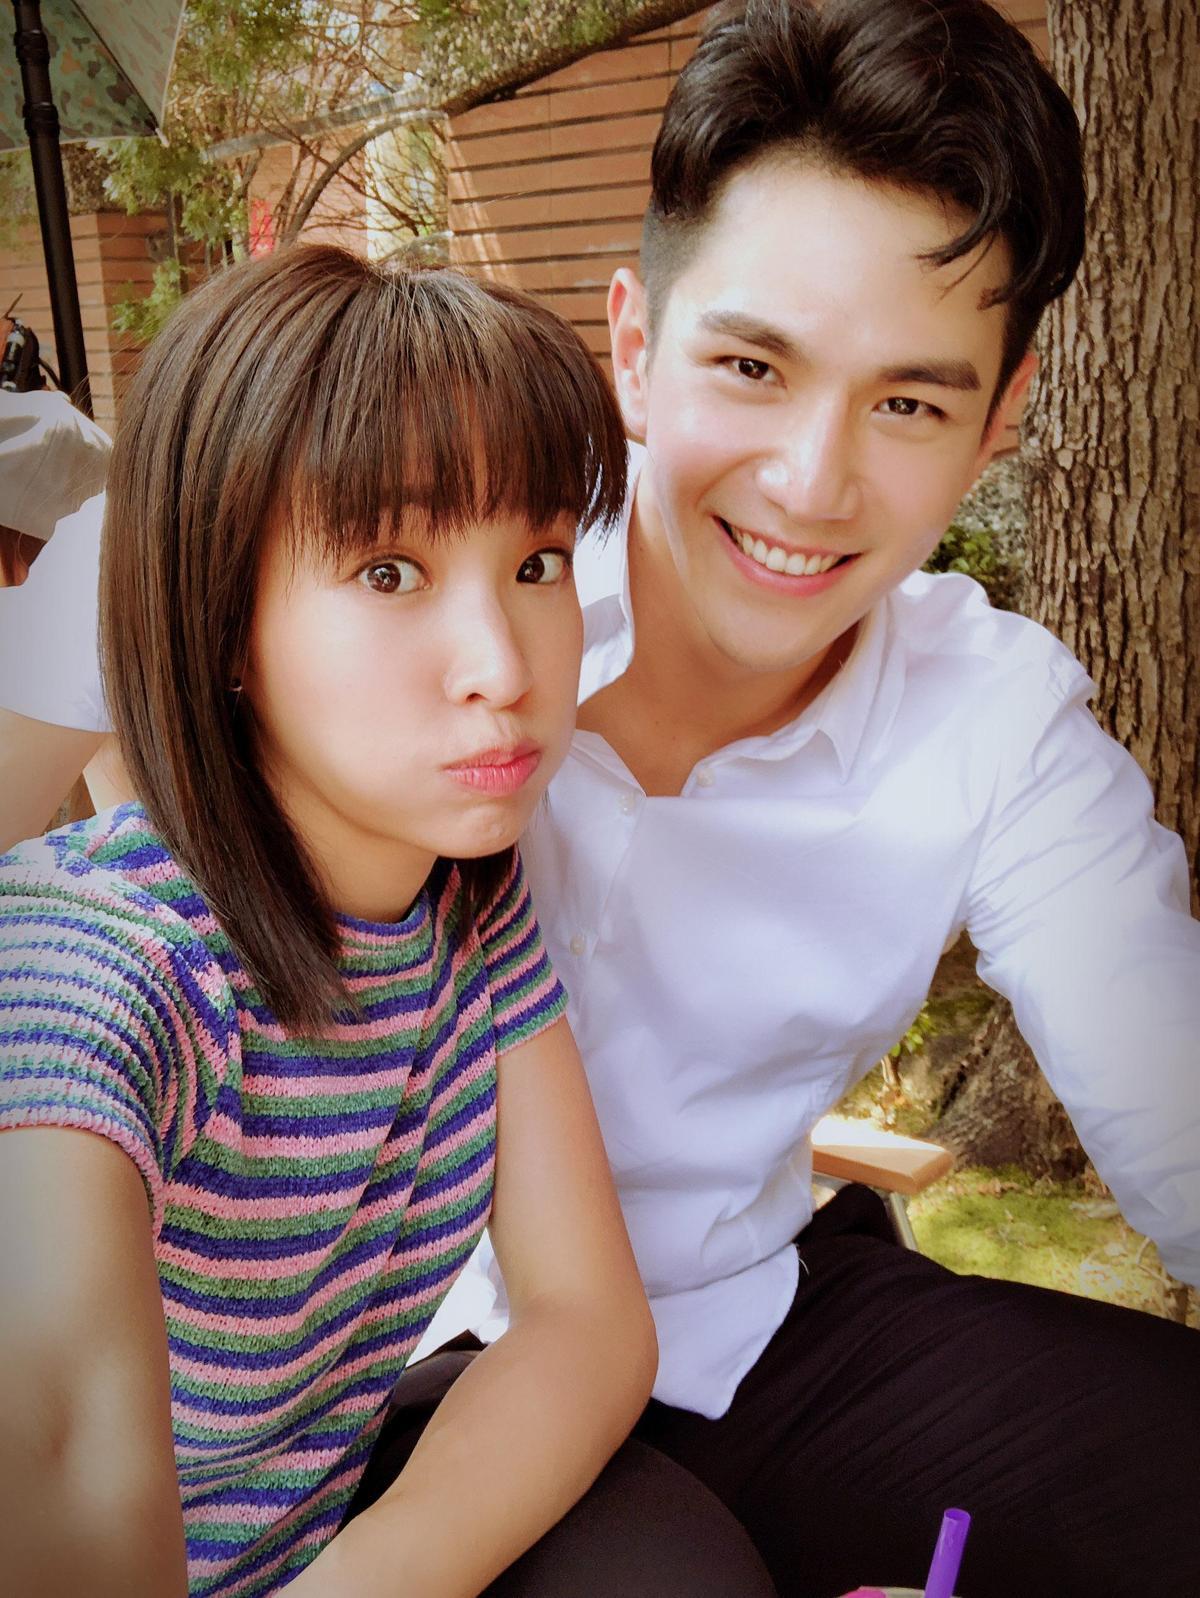 袁詠琳表示自己是一個傳統個性的女生,跟男友要有百分之百的信任感,不希望有祕密。